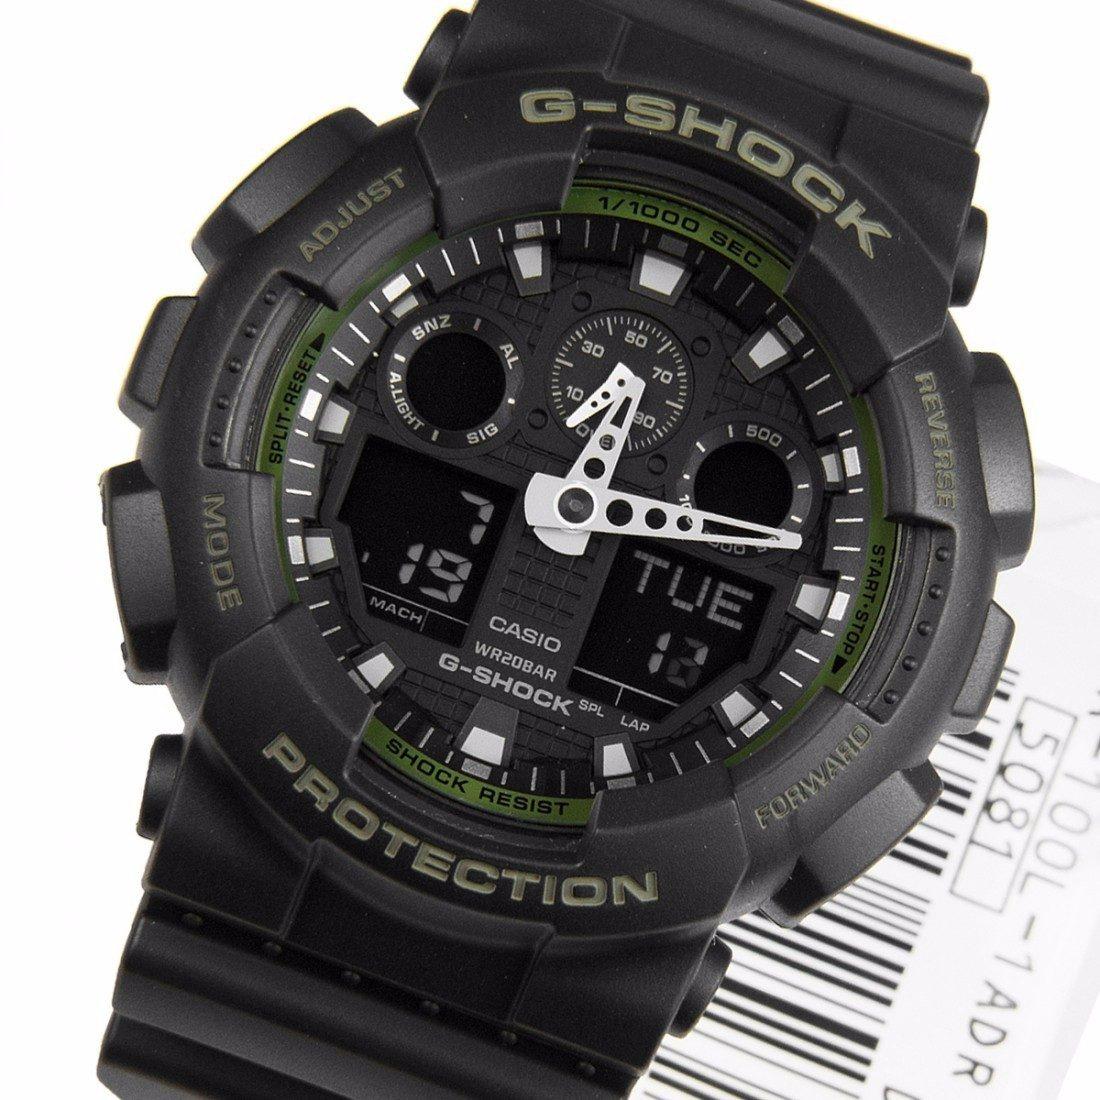 Reloj Casio Hombre G-shock Ga 100l-1a Original Garantía -   299.900 ... 4b55196d8792